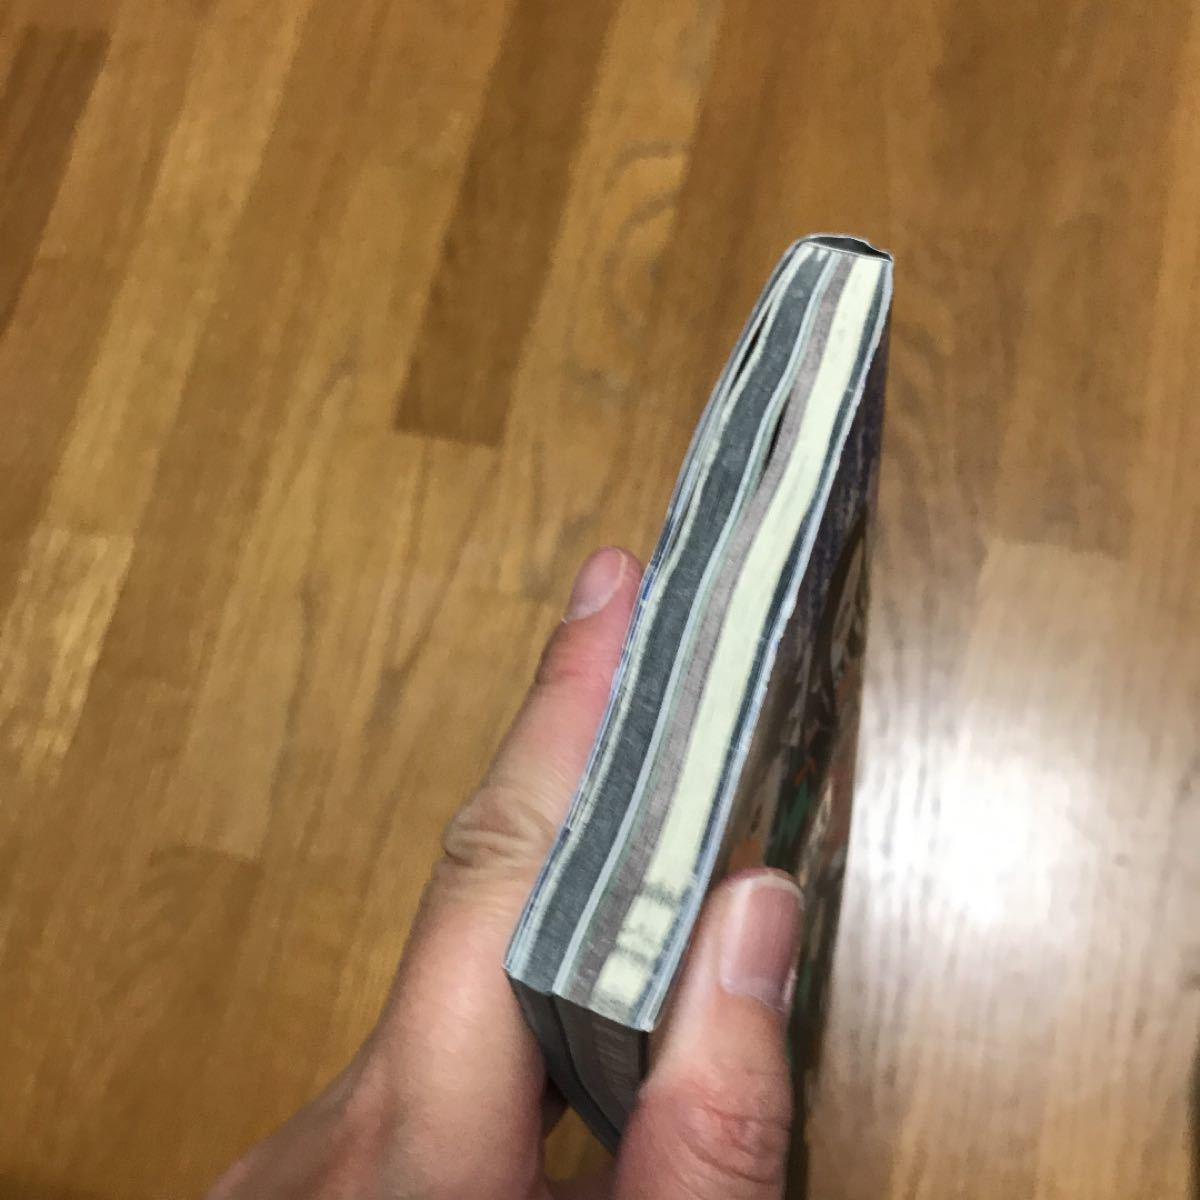 鬼滅の刃公式ファンブック鬼殺隊見聞録 (ジャンプコミックス)鬼滅の刃 見聞録